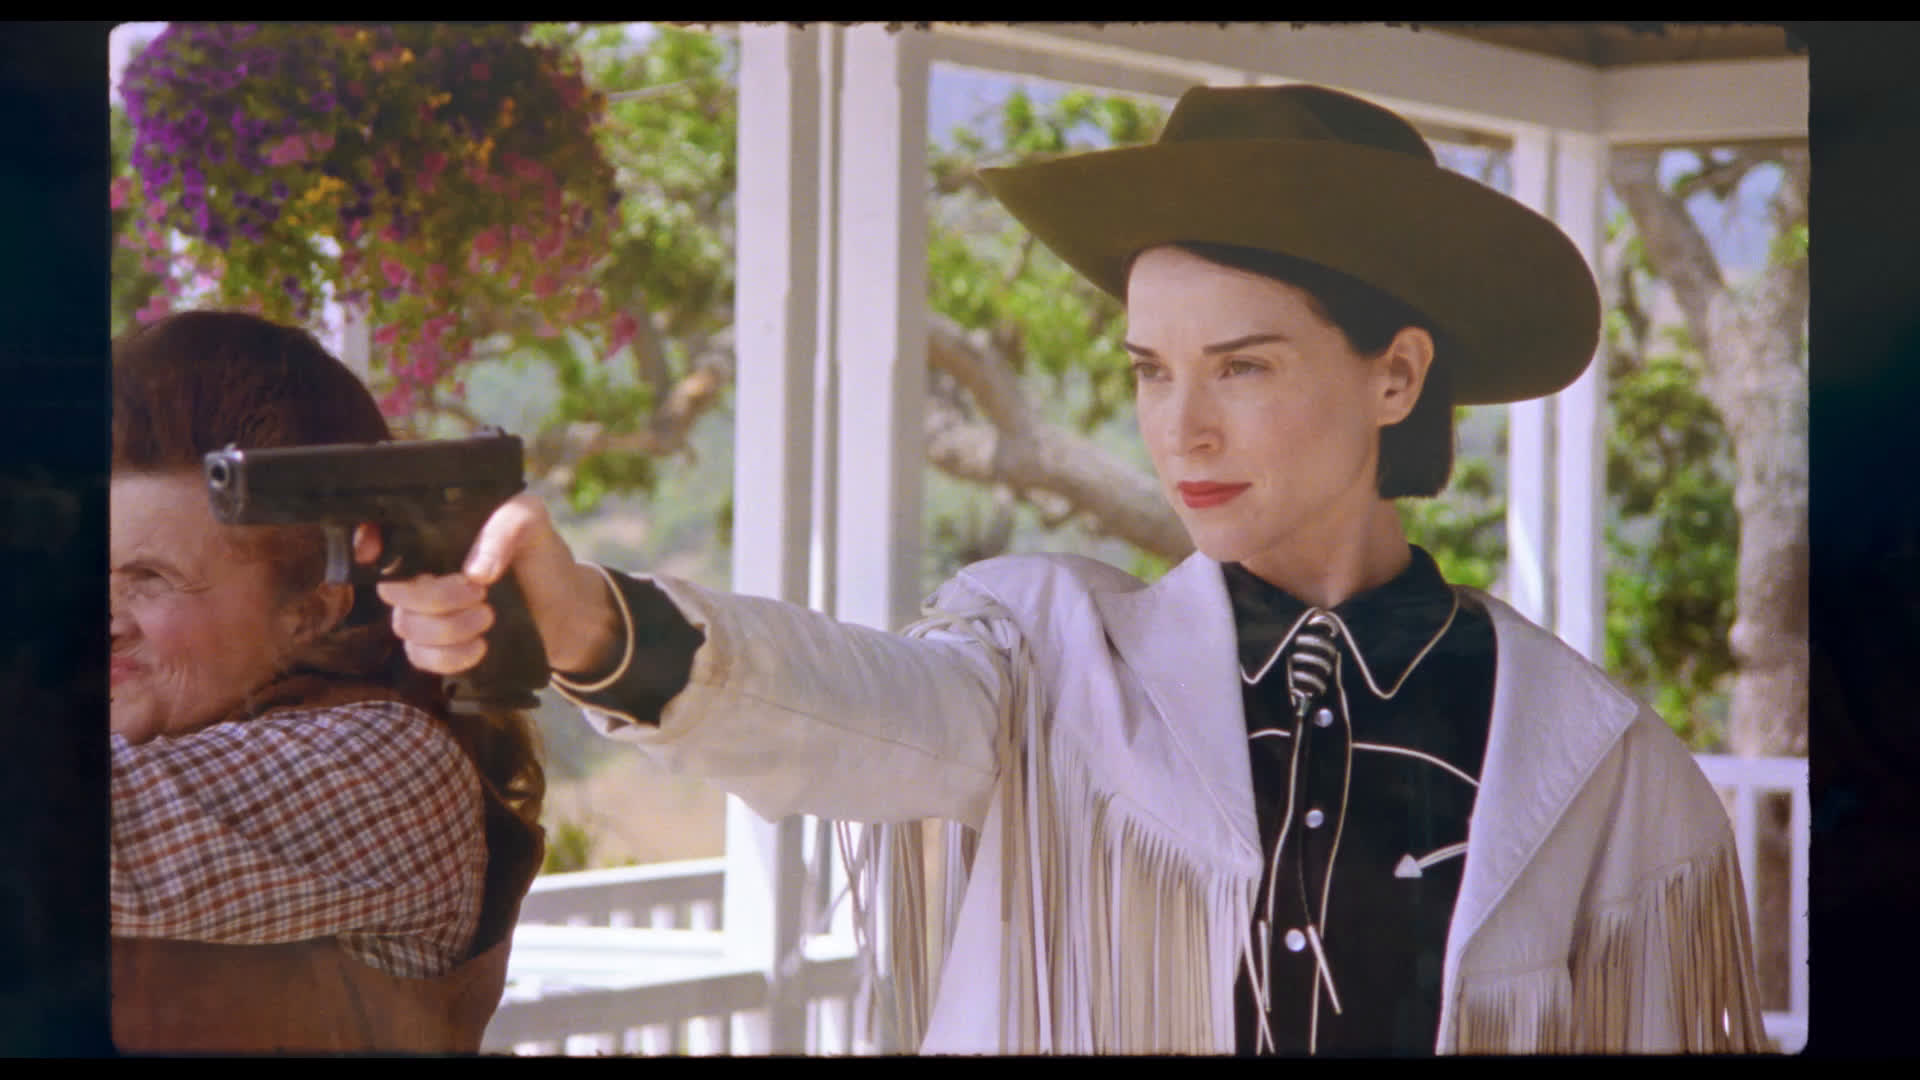 Cena do filme The Nowhere Inn. Fotografia em modo paisagem, com bordas laterais pretas. Em plano médio está Annie Clark com uma pistola apontada para frente. Annie é uma mulher branca, de aproximadamente 35 anos, olhos verdes e cabelo liso, curto e preto. Ela veste um chapéu de cowboy marrom, uma camisa preta, jaqueta de couro branca com franjas e usa batom vermelho. Ao lado está uma mulher idosa de aproximadamente 60 anos. No fundo está uma varanda branca com árvores.